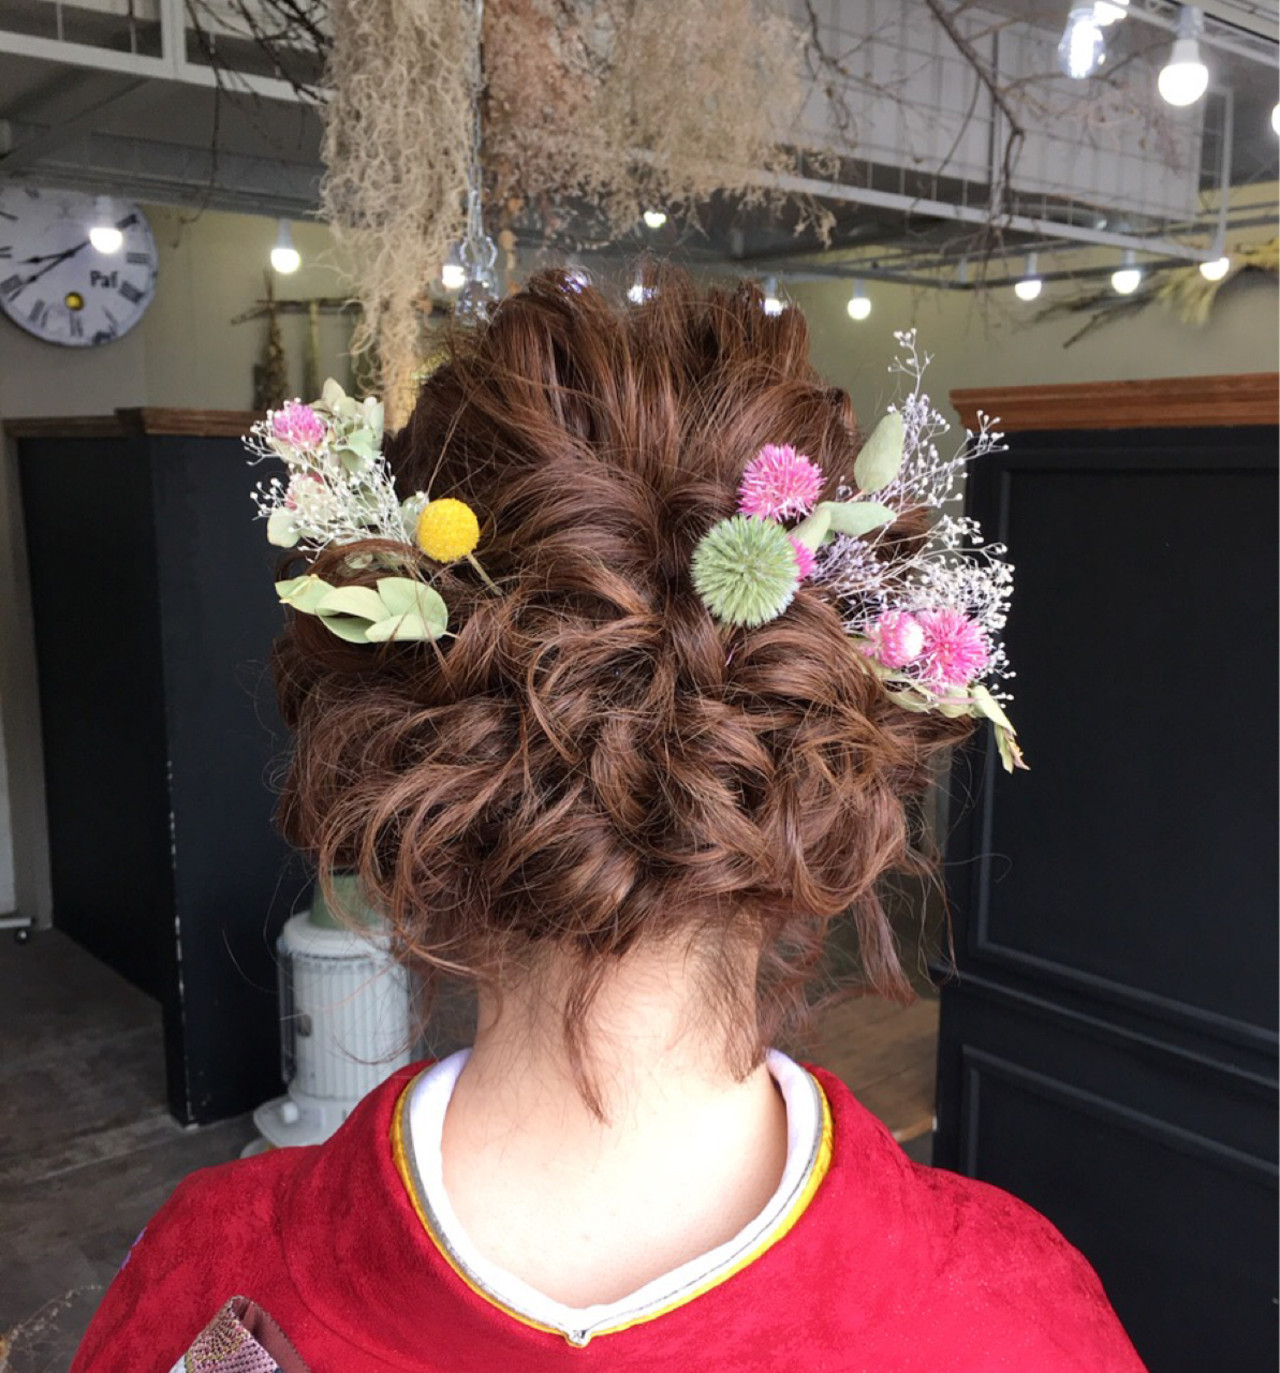 ドライフラワーで華やかな髪型 kazue  hair make design paf